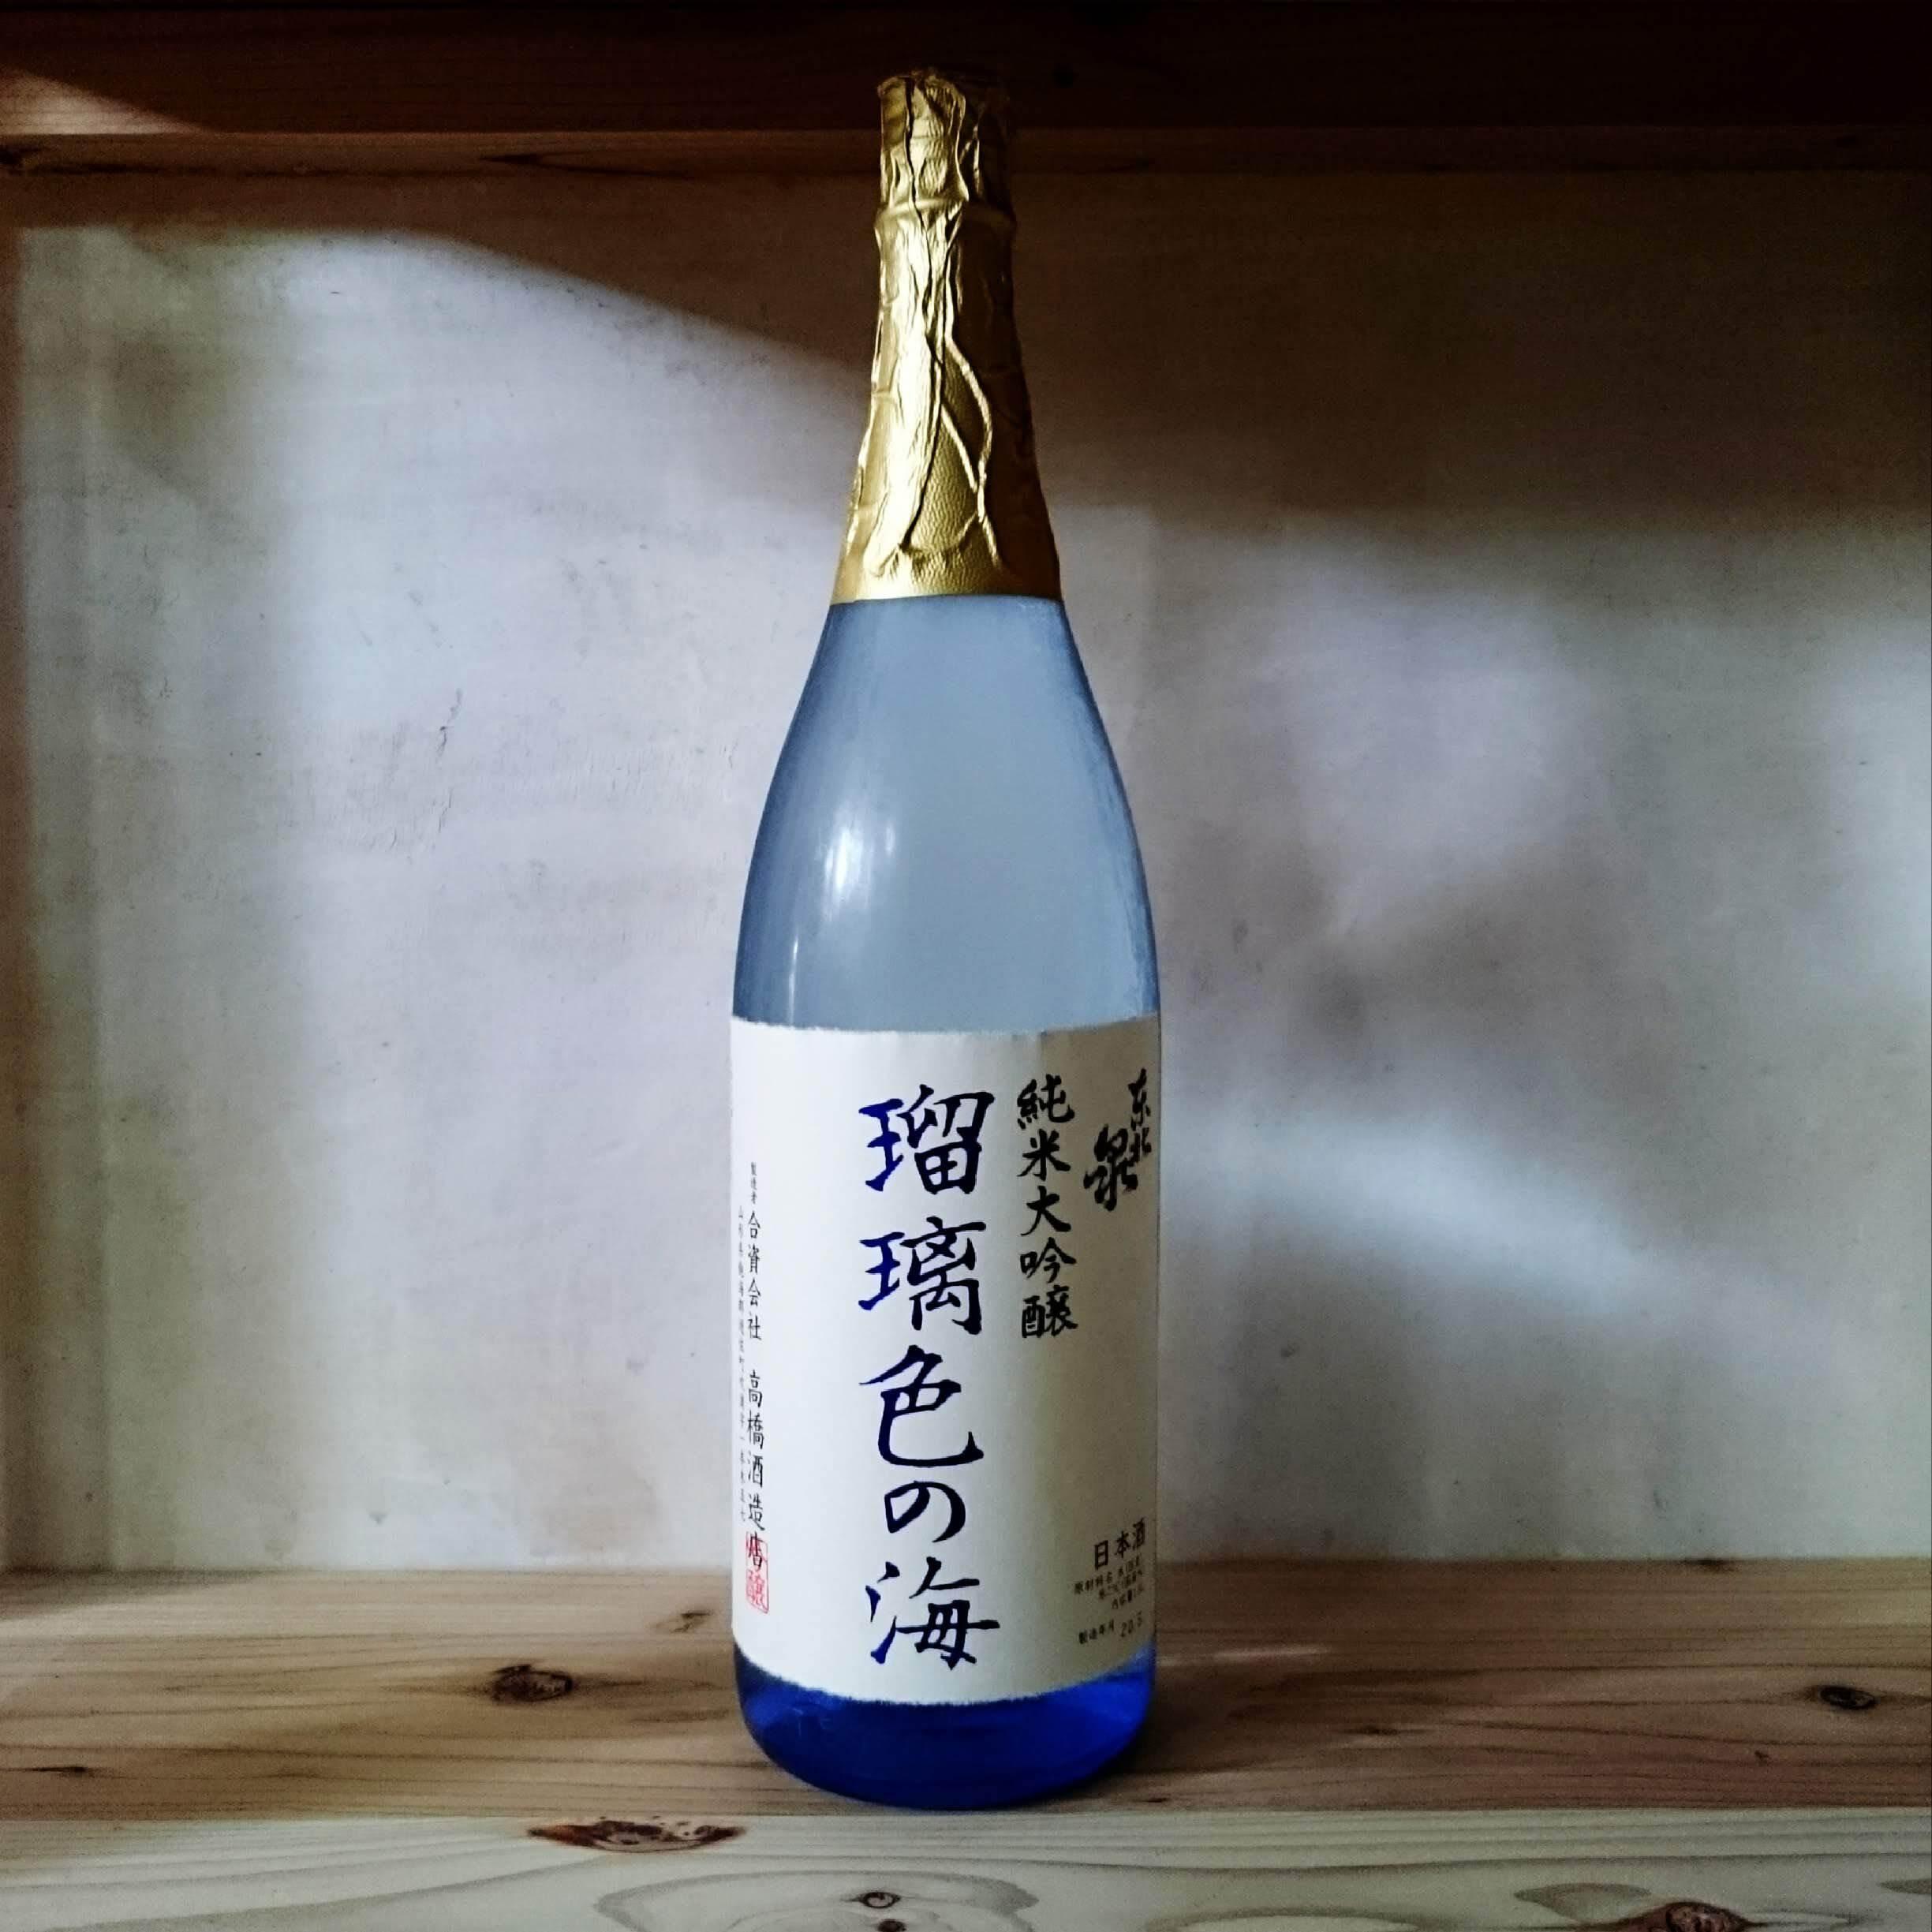 東北泉 純米大吟醸 「瑠璃色の海」 720ml